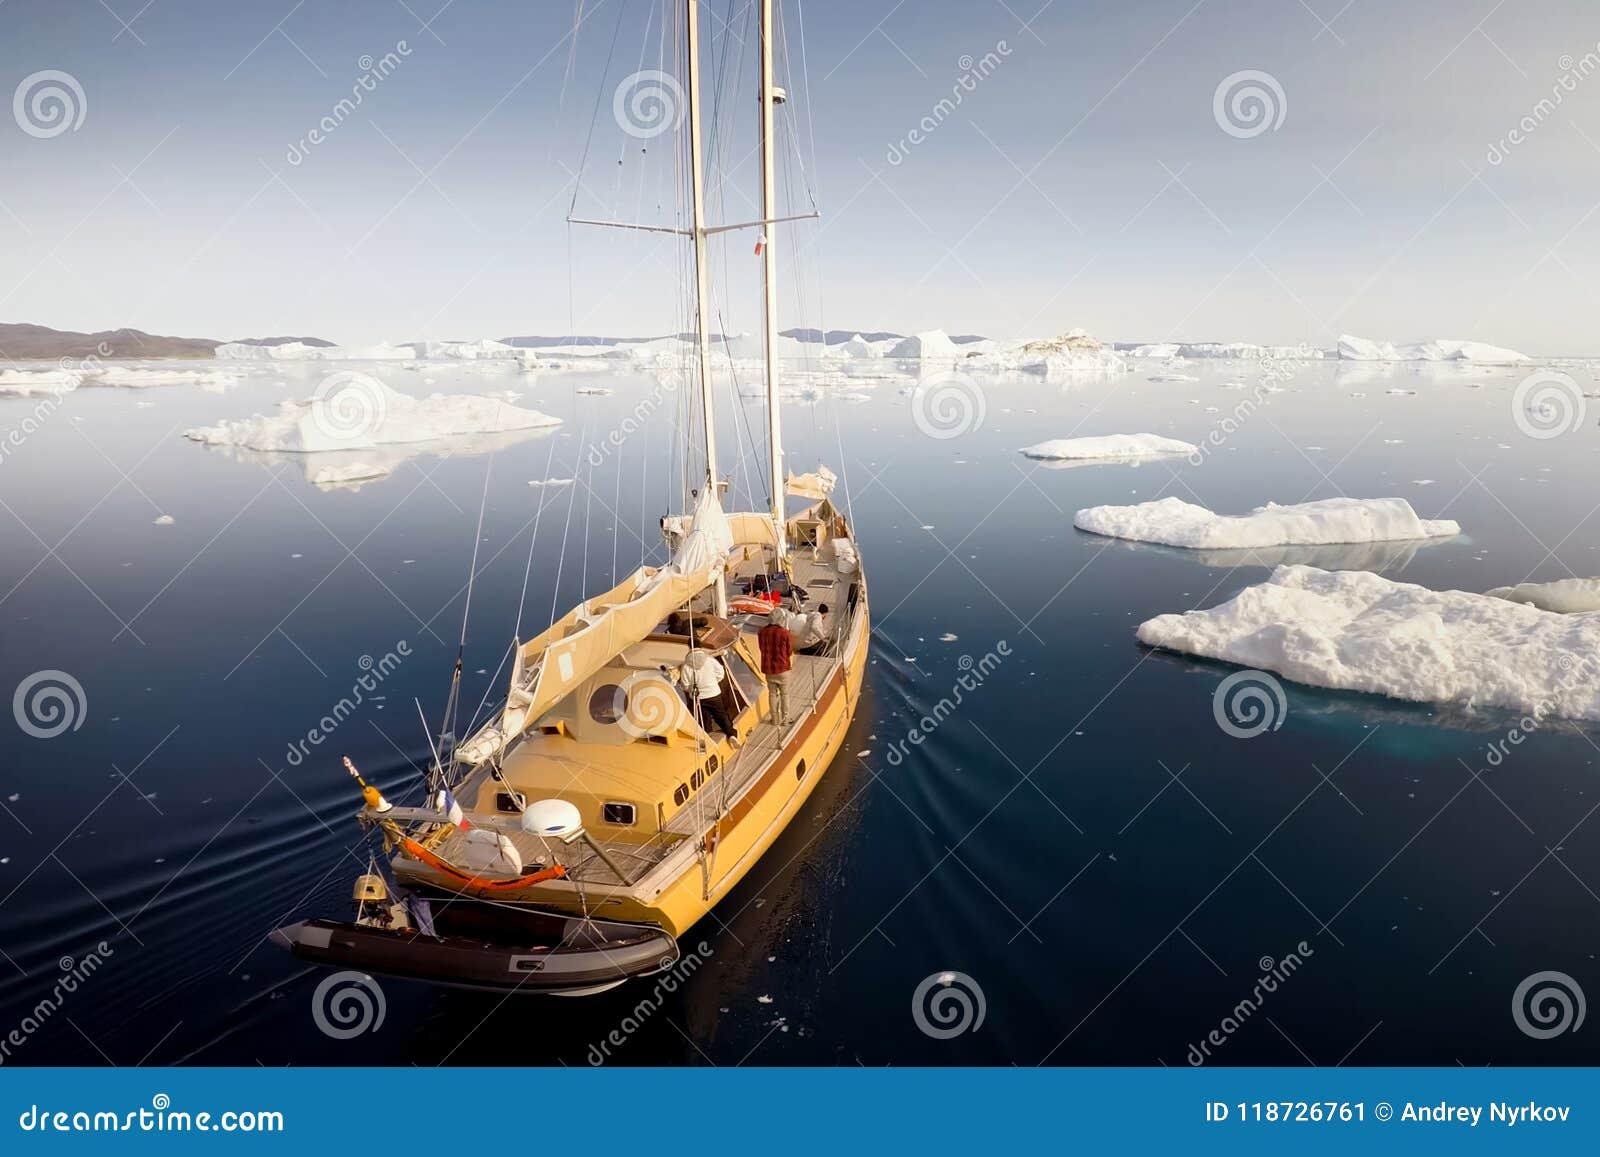 Le bateau navigue parmi les icebergs dans l ANTARCTIQUE